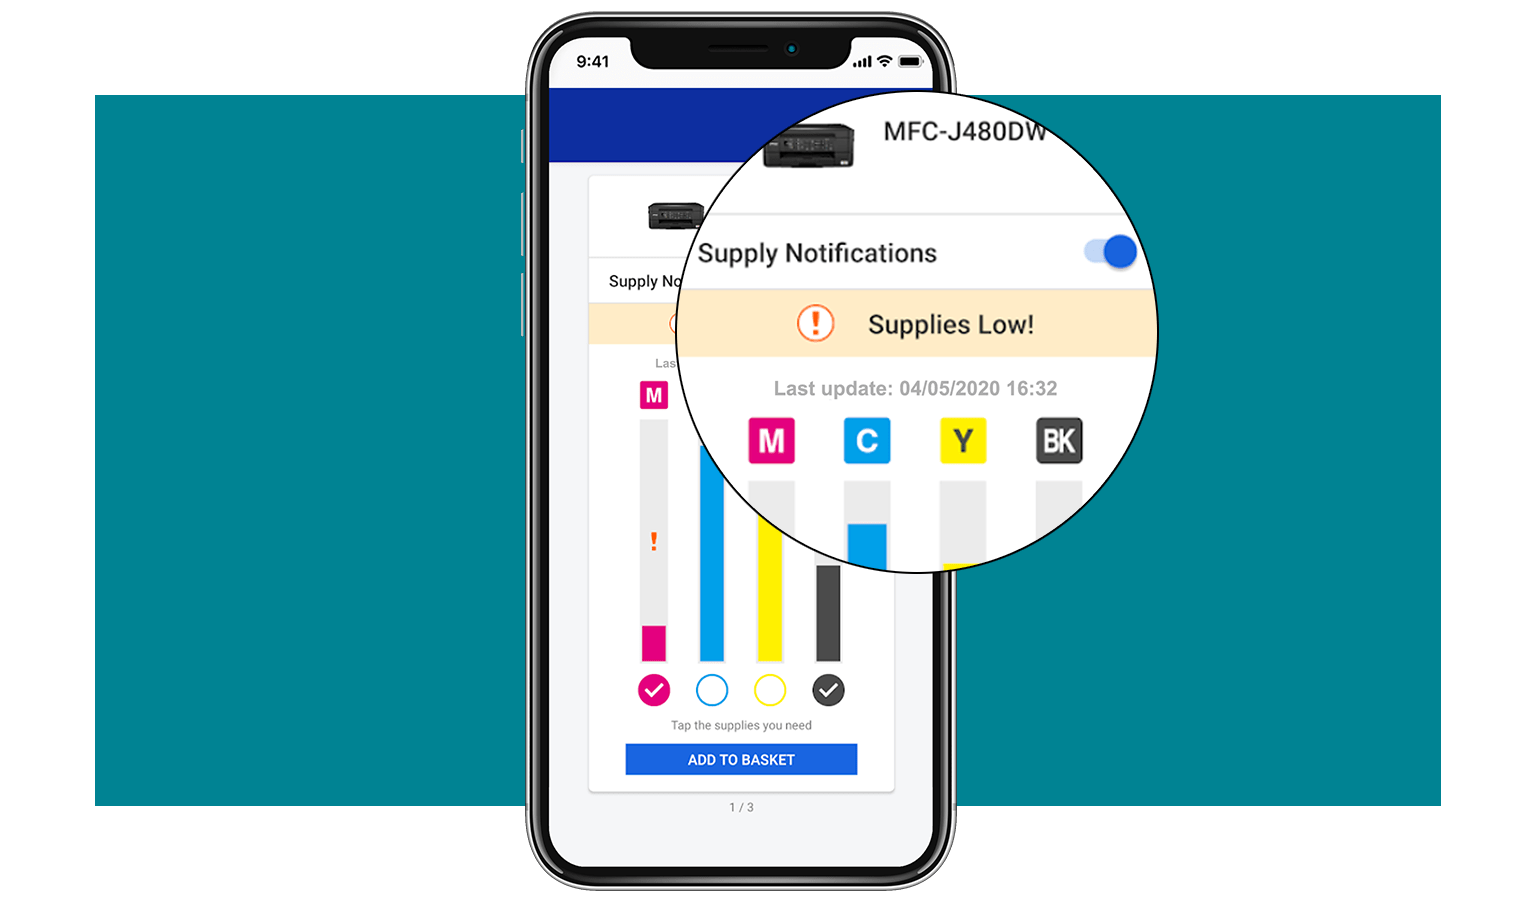 Recevez instantanément des notifications sur votre smartphone quand le niveau d'encre ou de toner de vos consommables est bas